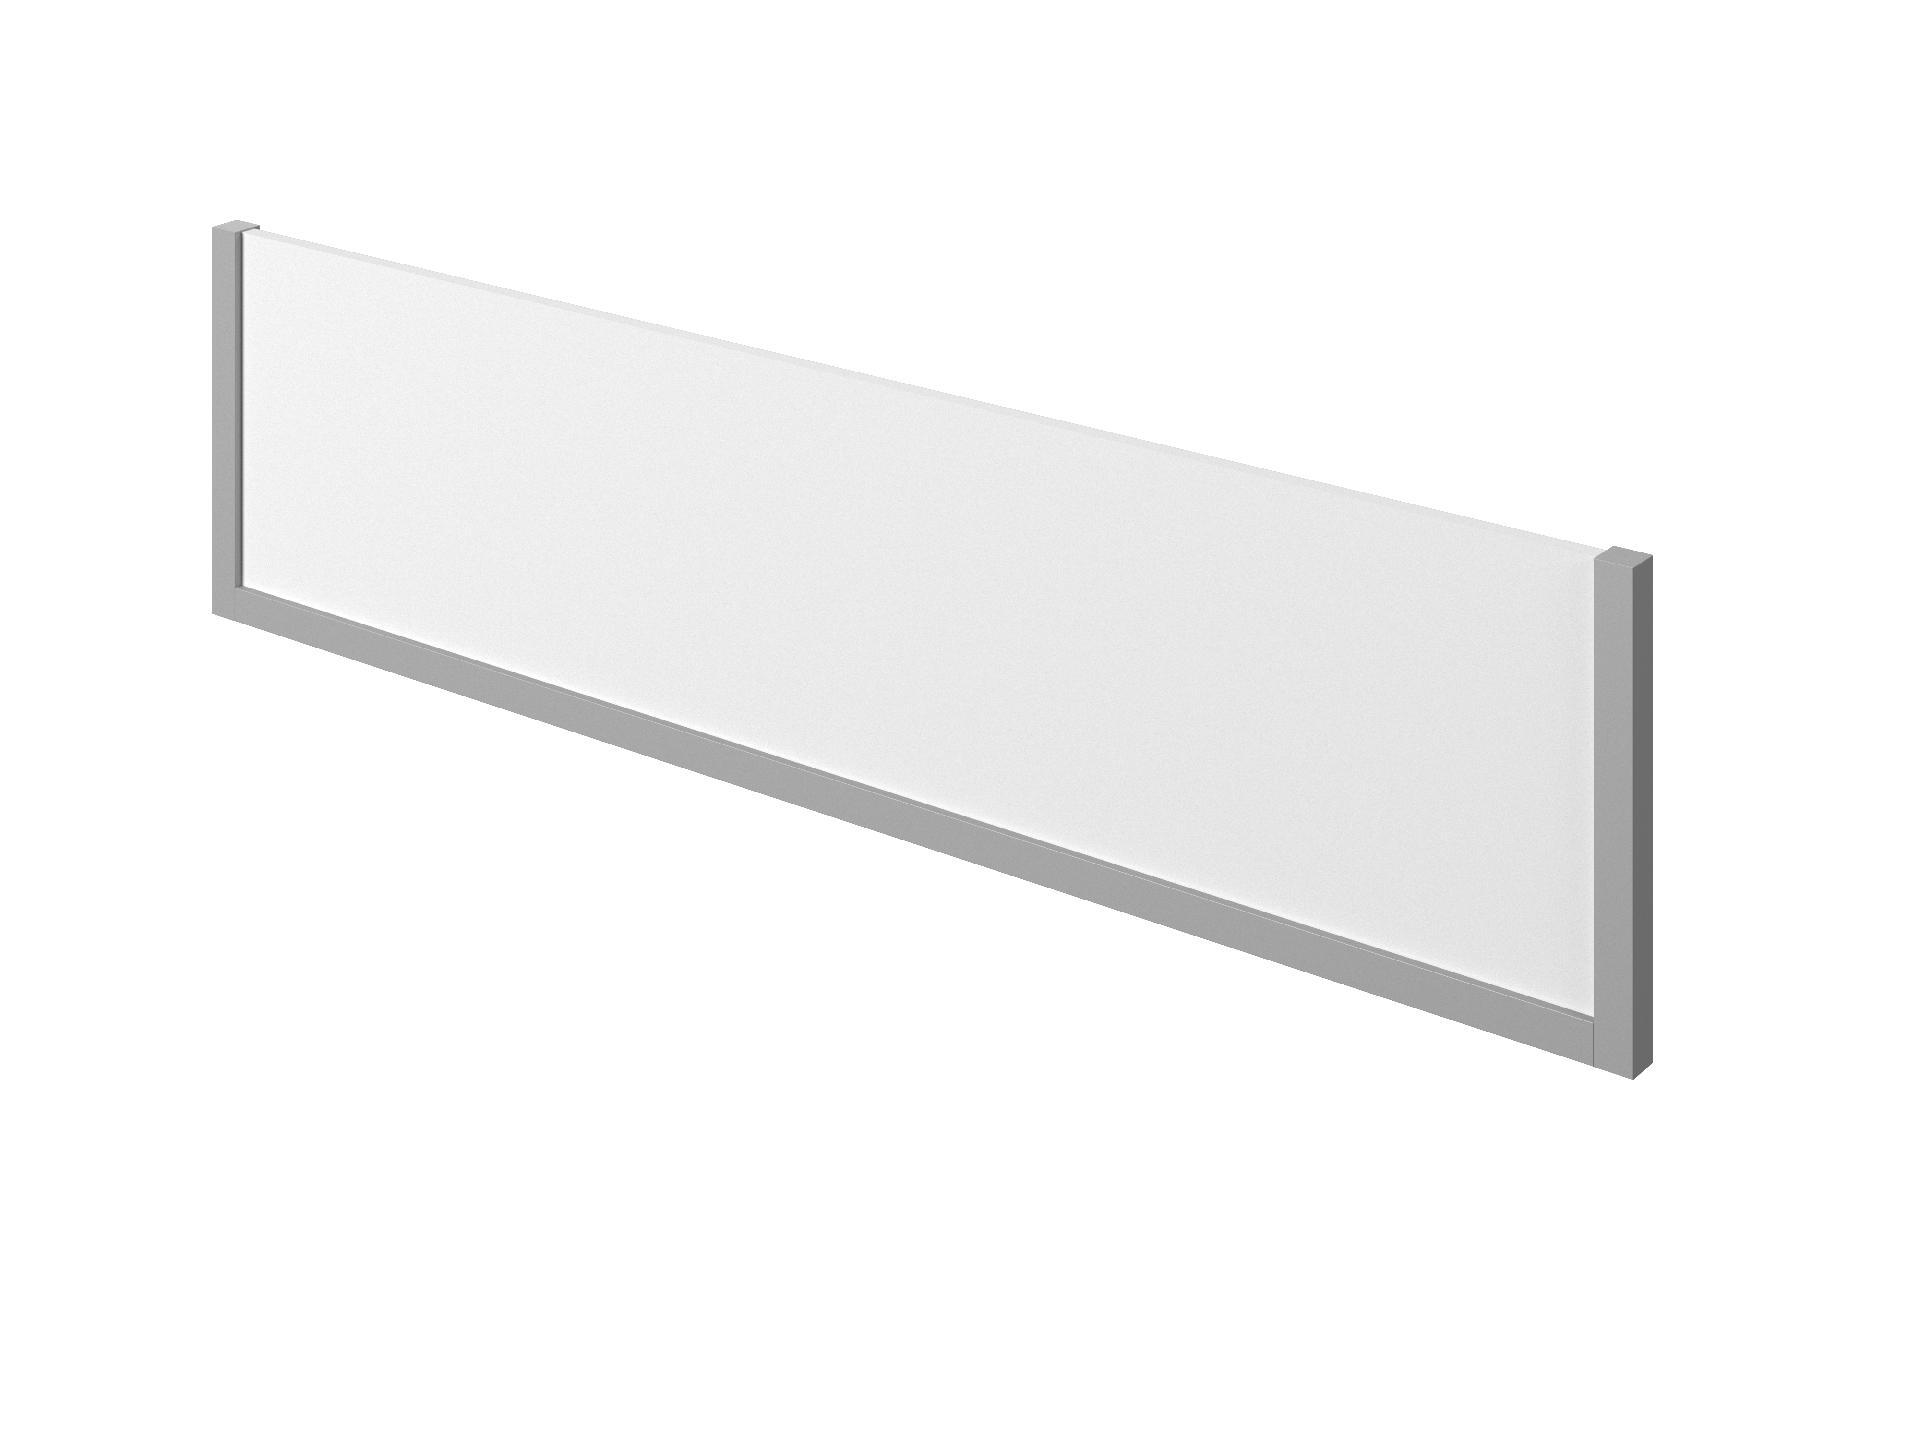 Экран ЛДСП С-057 / С-056 с декоративными элементами